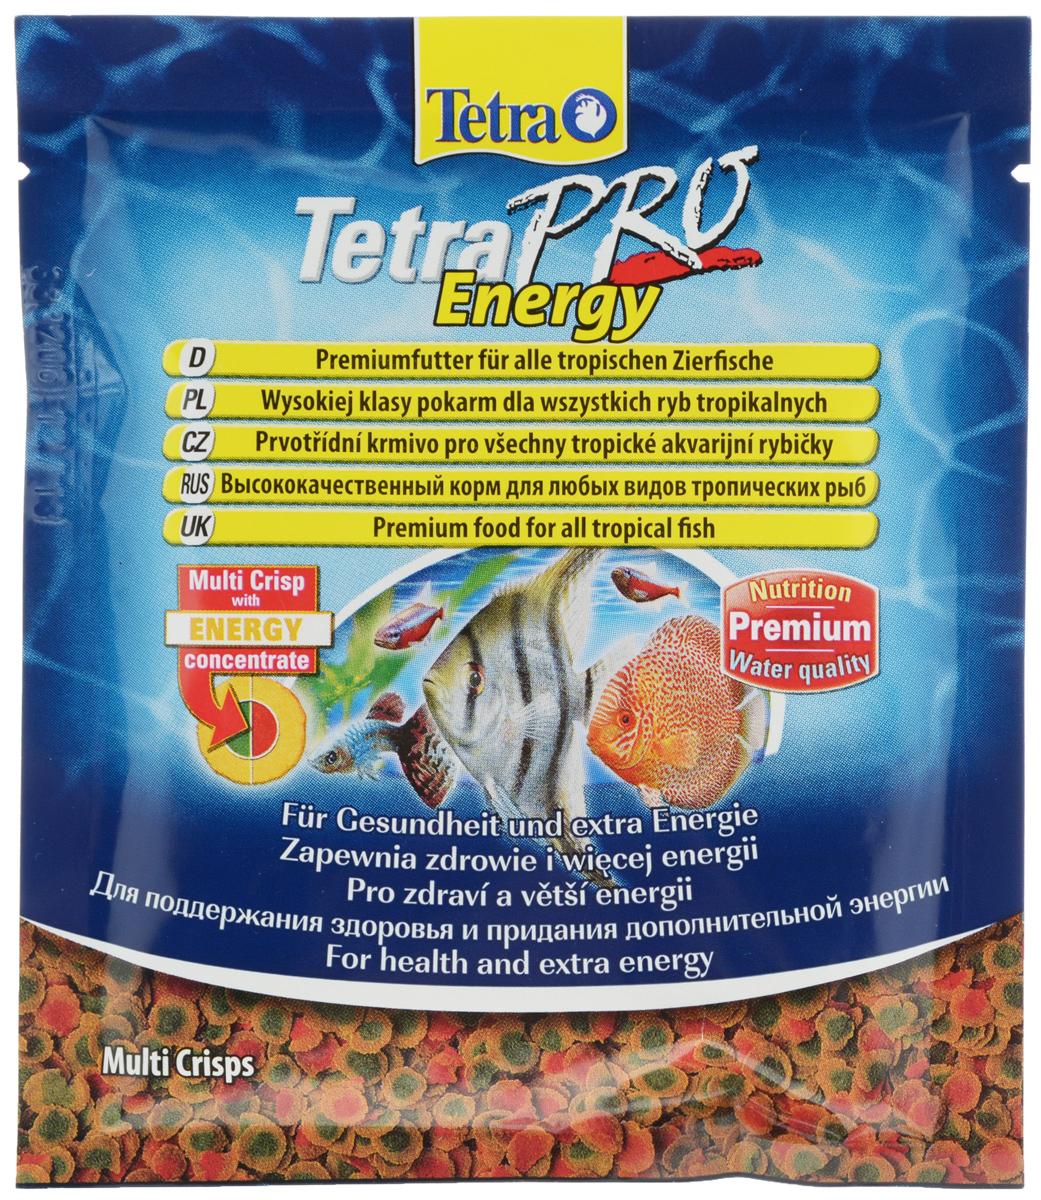 Корм Tetra TetraPro. Energy для всех видов тропических рыб, чипсы, 12 г0120710Полноценный высококачественный корм Tetra TetraPro. Energy для всех видов тропических рыб разработан для поддержания здоровья и придания дополнительной энергии. Особенности Tetra TetraPro. Energy:- щадящая низкотемпературная технология изготовления обеспечивает высокую питательную ценность и стабильность витаминов;- энергетический концентрат для дополнительной энергии;- инновационная форма чипсов для минимального загрязнения воды отходами;- легкое кормление. Рекомендации по кормлению: кормить несколько раз в день маленькими порциями. Состав: рыба и побочные рыбные продукты, зерновые культуры, экстракты растительного белка, дрожжи, моллюски и раки, масла и жиры, водоросли, сахар.Аналитические компоненты: сырой белок - 46%, сырые масла и жиры - 12%, сырая клетчатка - 2,0%, влага - 9%.Добавки: витамины, провитамины и химические вещества с аналогичным воздействием: витамин А 29880 МЕ/кг, витамин Д3 1865 МЕ/кг, Л-карнитин 123 мг/кг. Комбинации элементов: Е5 Марганец 67 мг/кг, Е6 Цинк 40 мг/кг, Е1 Железо 26 мг/кг, Е3 Кобальт 0,6 мг/кг. Красители, консерванты, антиоксиданты. Товар сертифицирован.